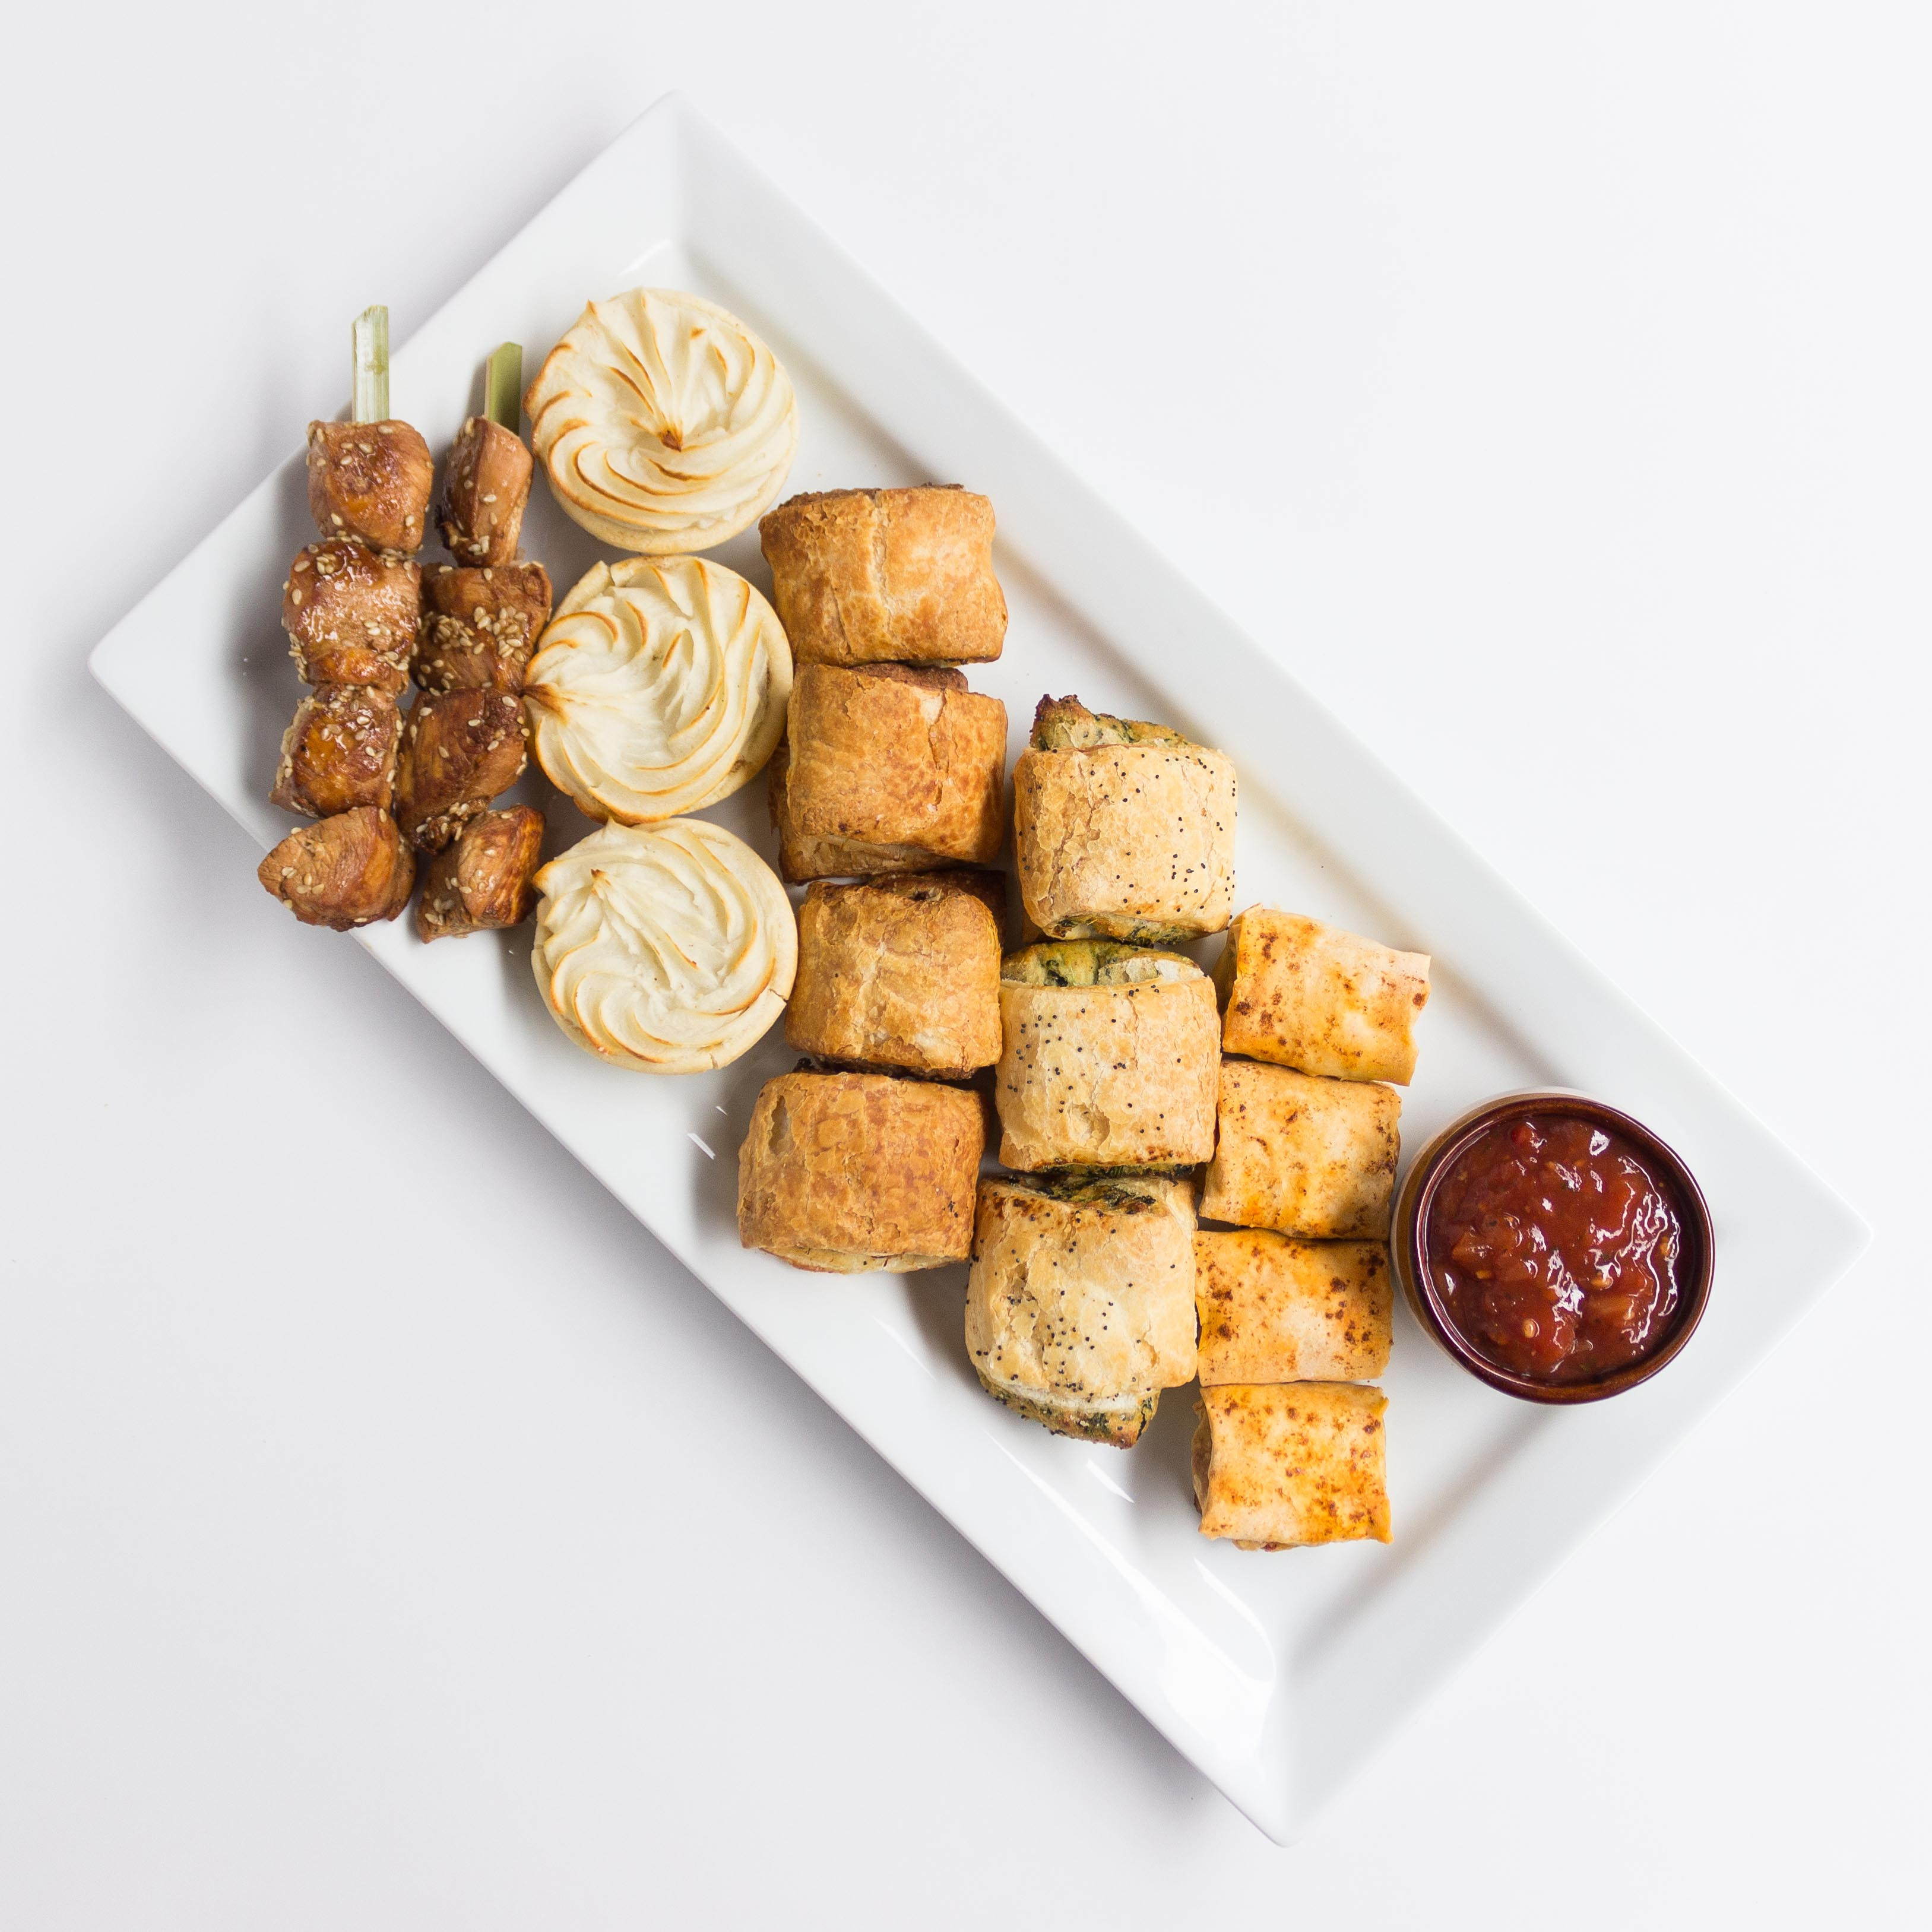 20170526 Nashi Social Media-11_Hot food platter